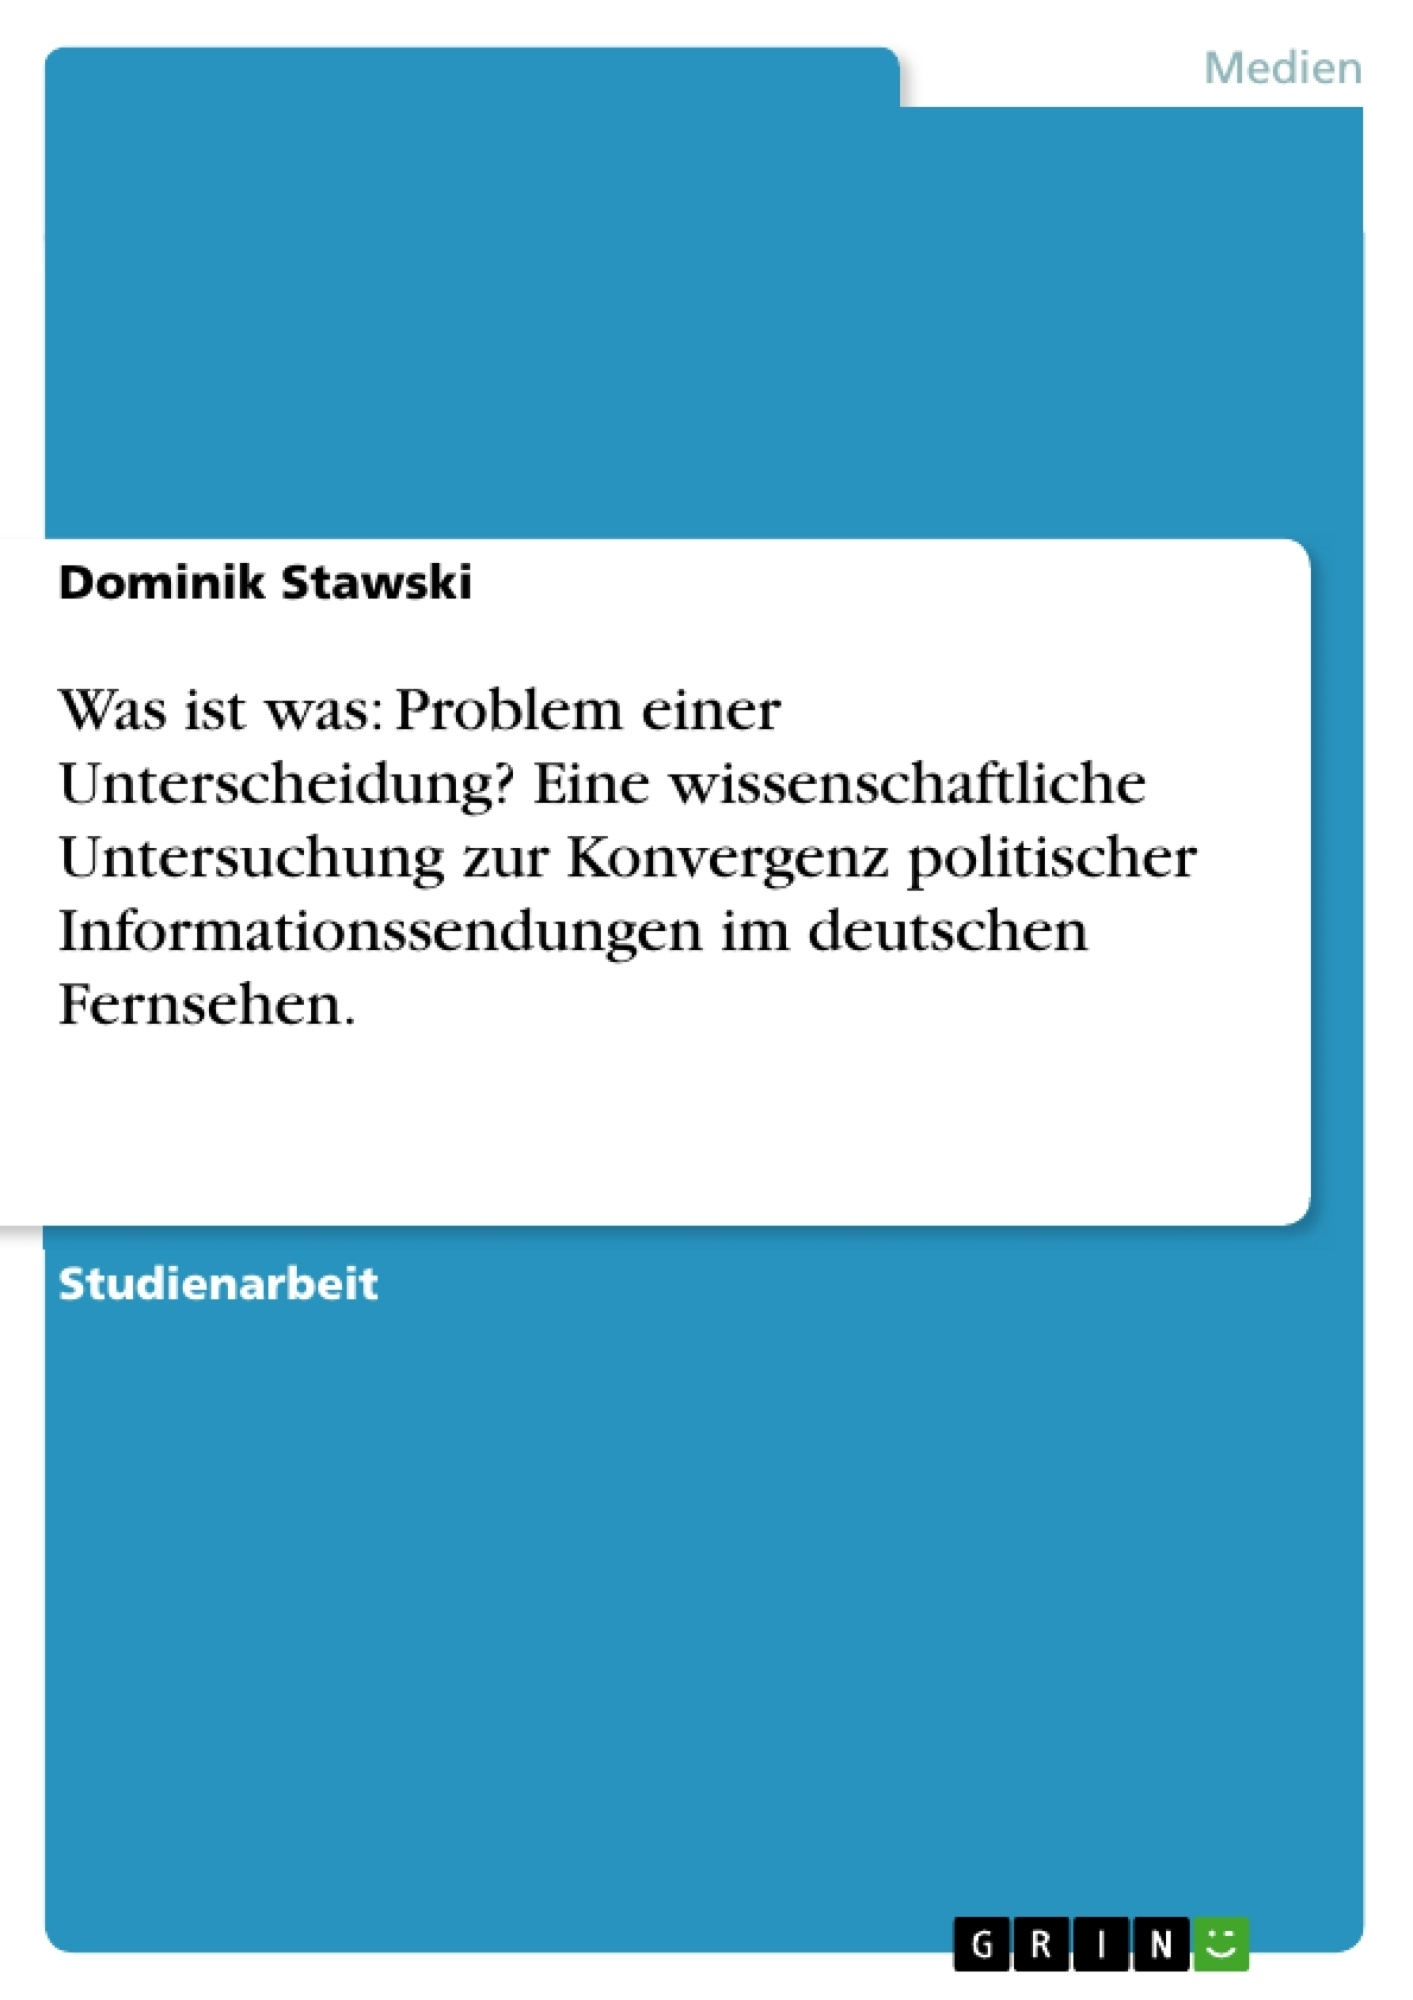 Titel: Was ist was: Problem einer Unterscheidung? Eine wissenschaftliche Untersuchung zur Konvergenz politischer Informationssendungen im deutschen Fernsehen.